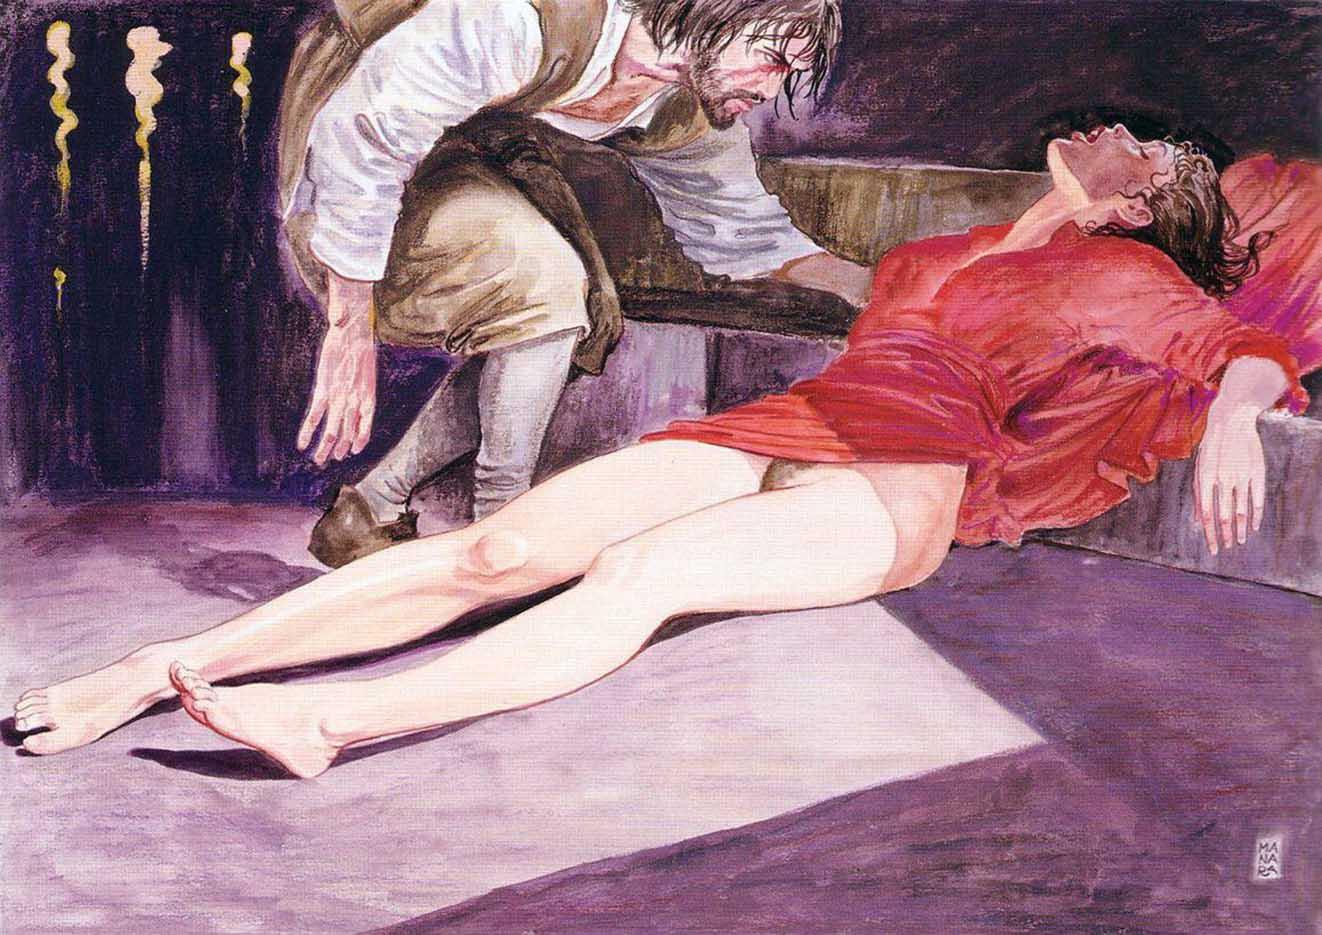 Мило Манара (Milo Manara), Erotic Illustration - 10